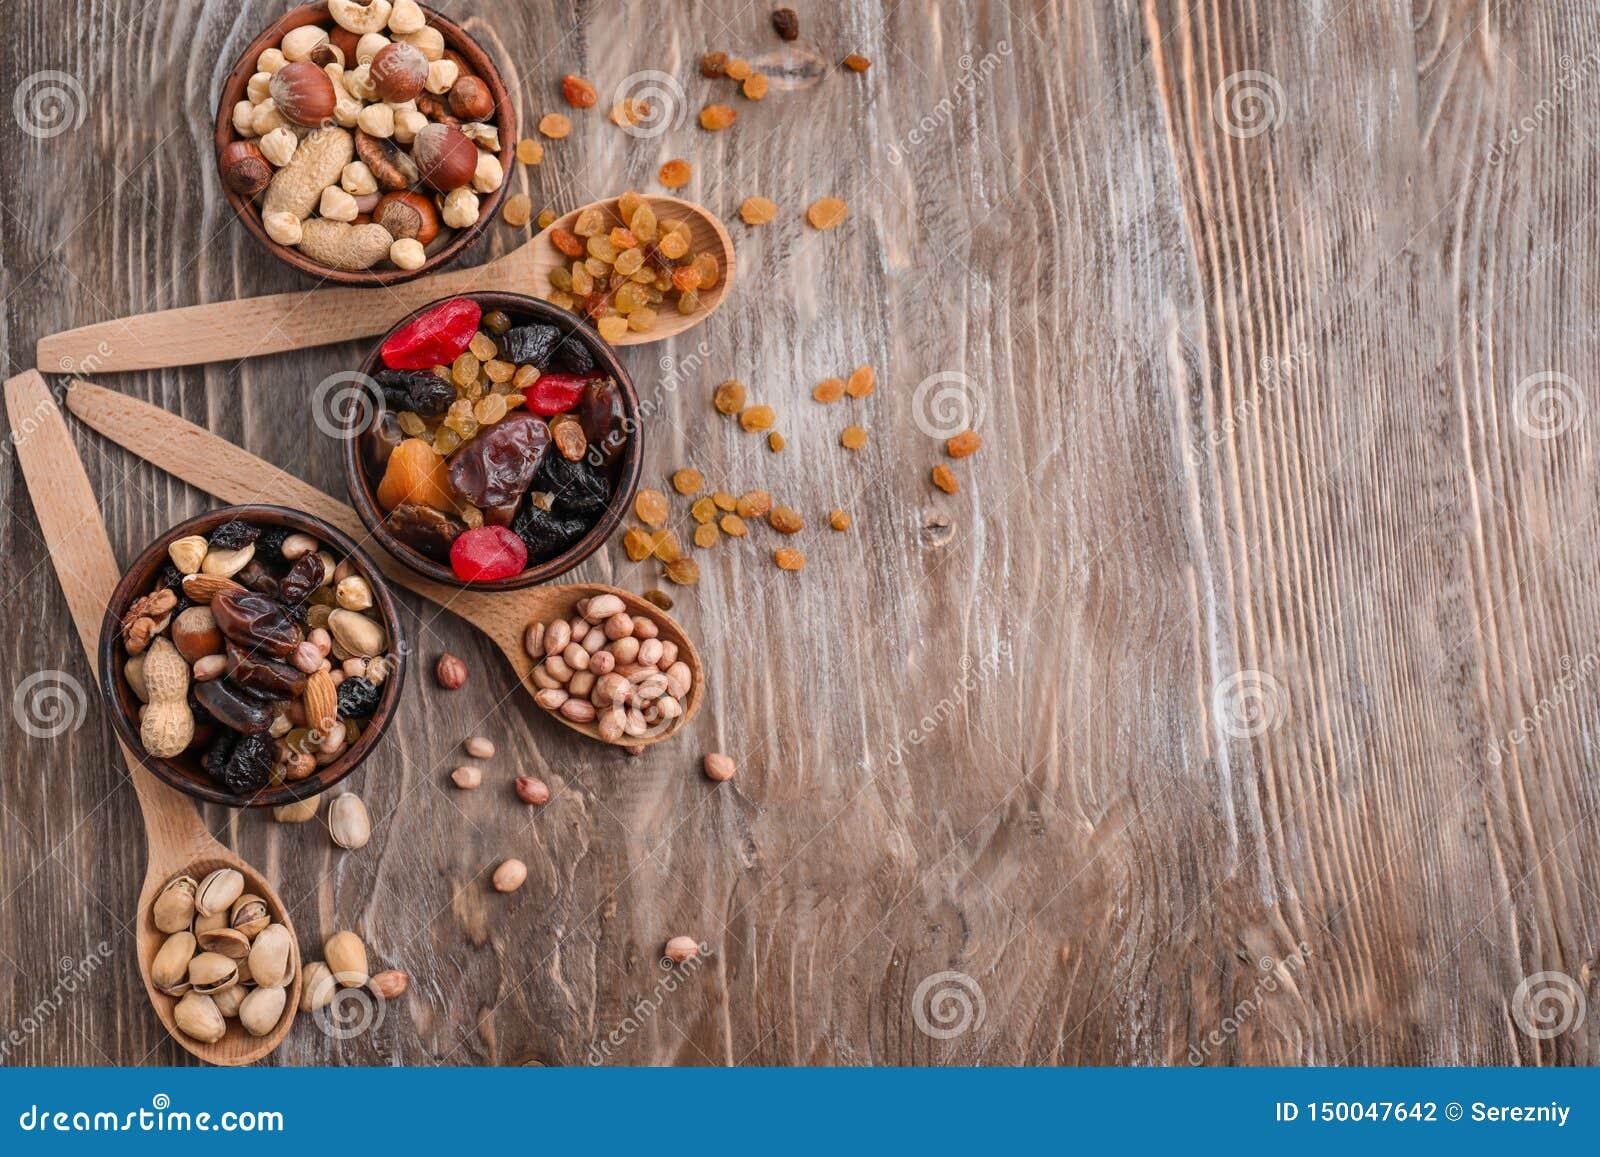 Σύνθεση με τα διαφορετικά είδη καρυδιών, ξηρών καρπών και μούρων στο ξύλινο υπόβαθρο